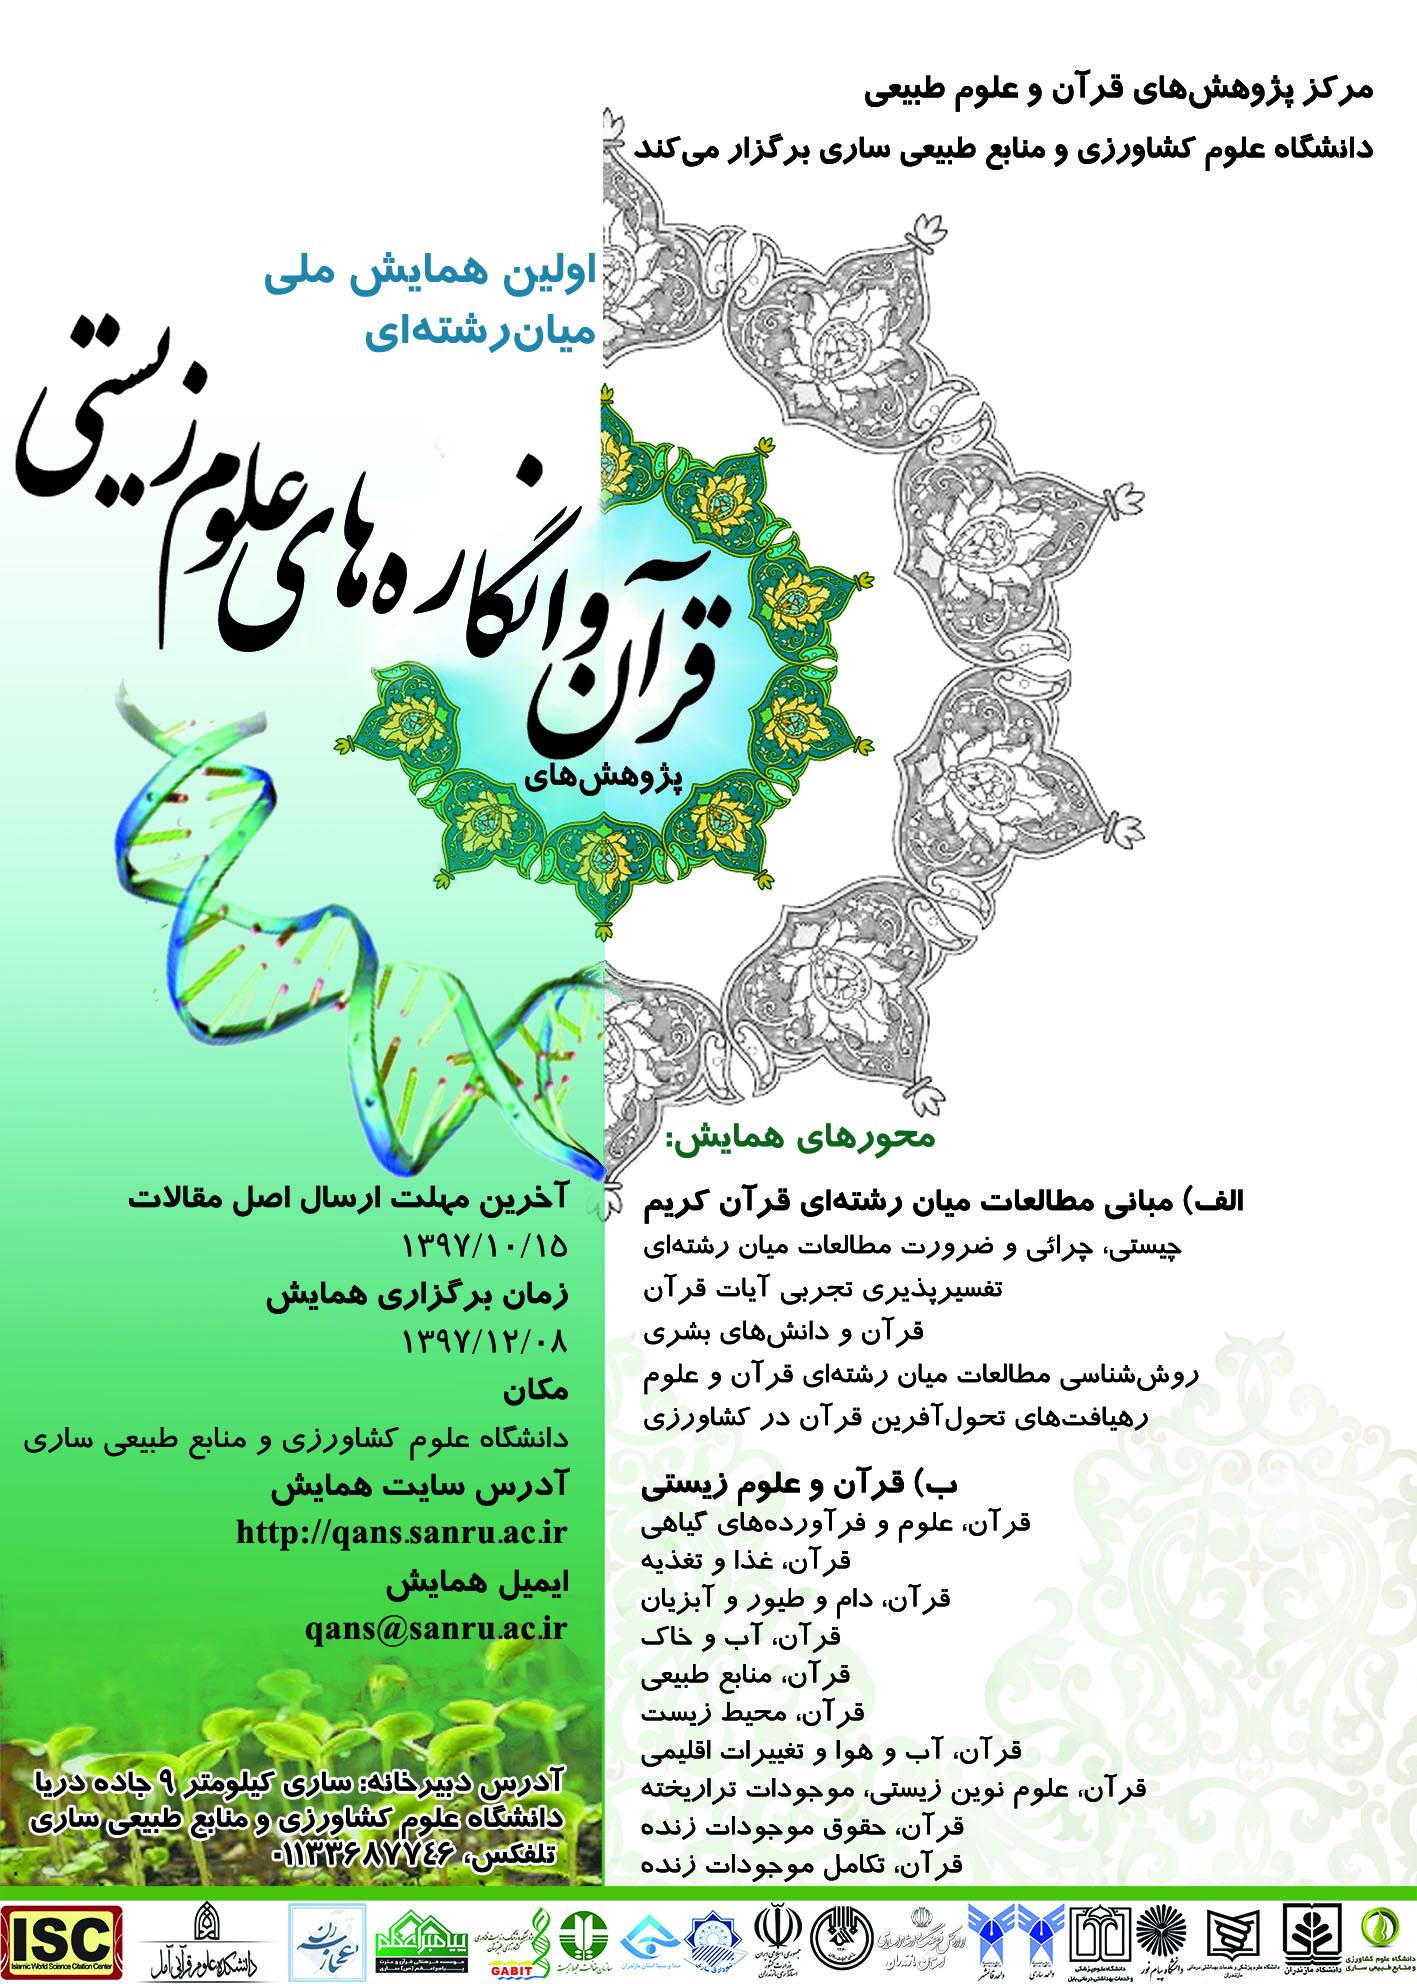 اولین همایش ملی پژوهشهای میان رشتهای قرآن و انگارههای علوم زیستی برگزار میشود